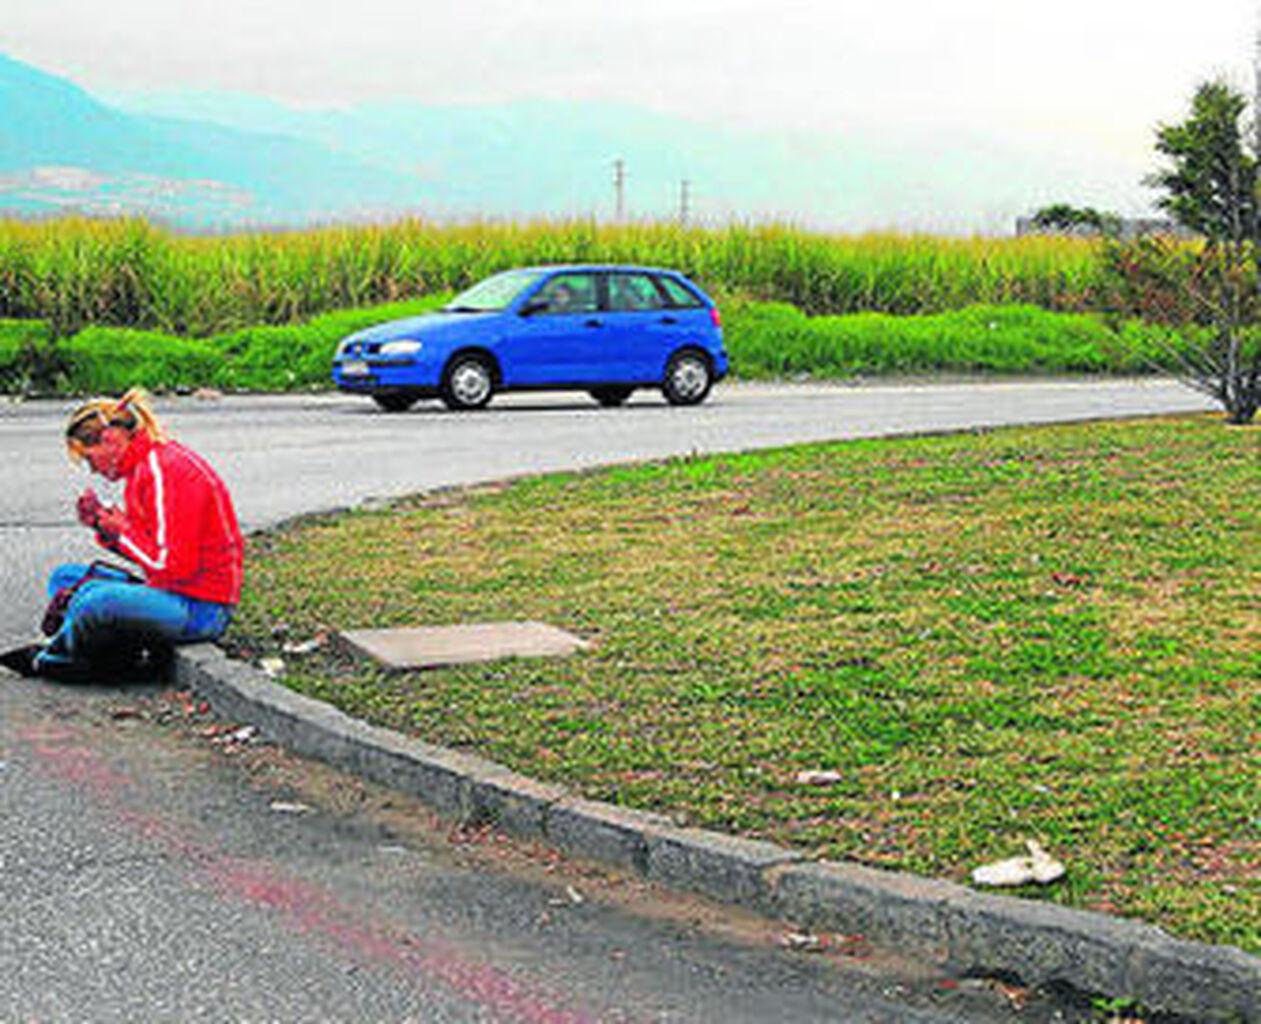 policia prostitutas prostitutas velez malaga